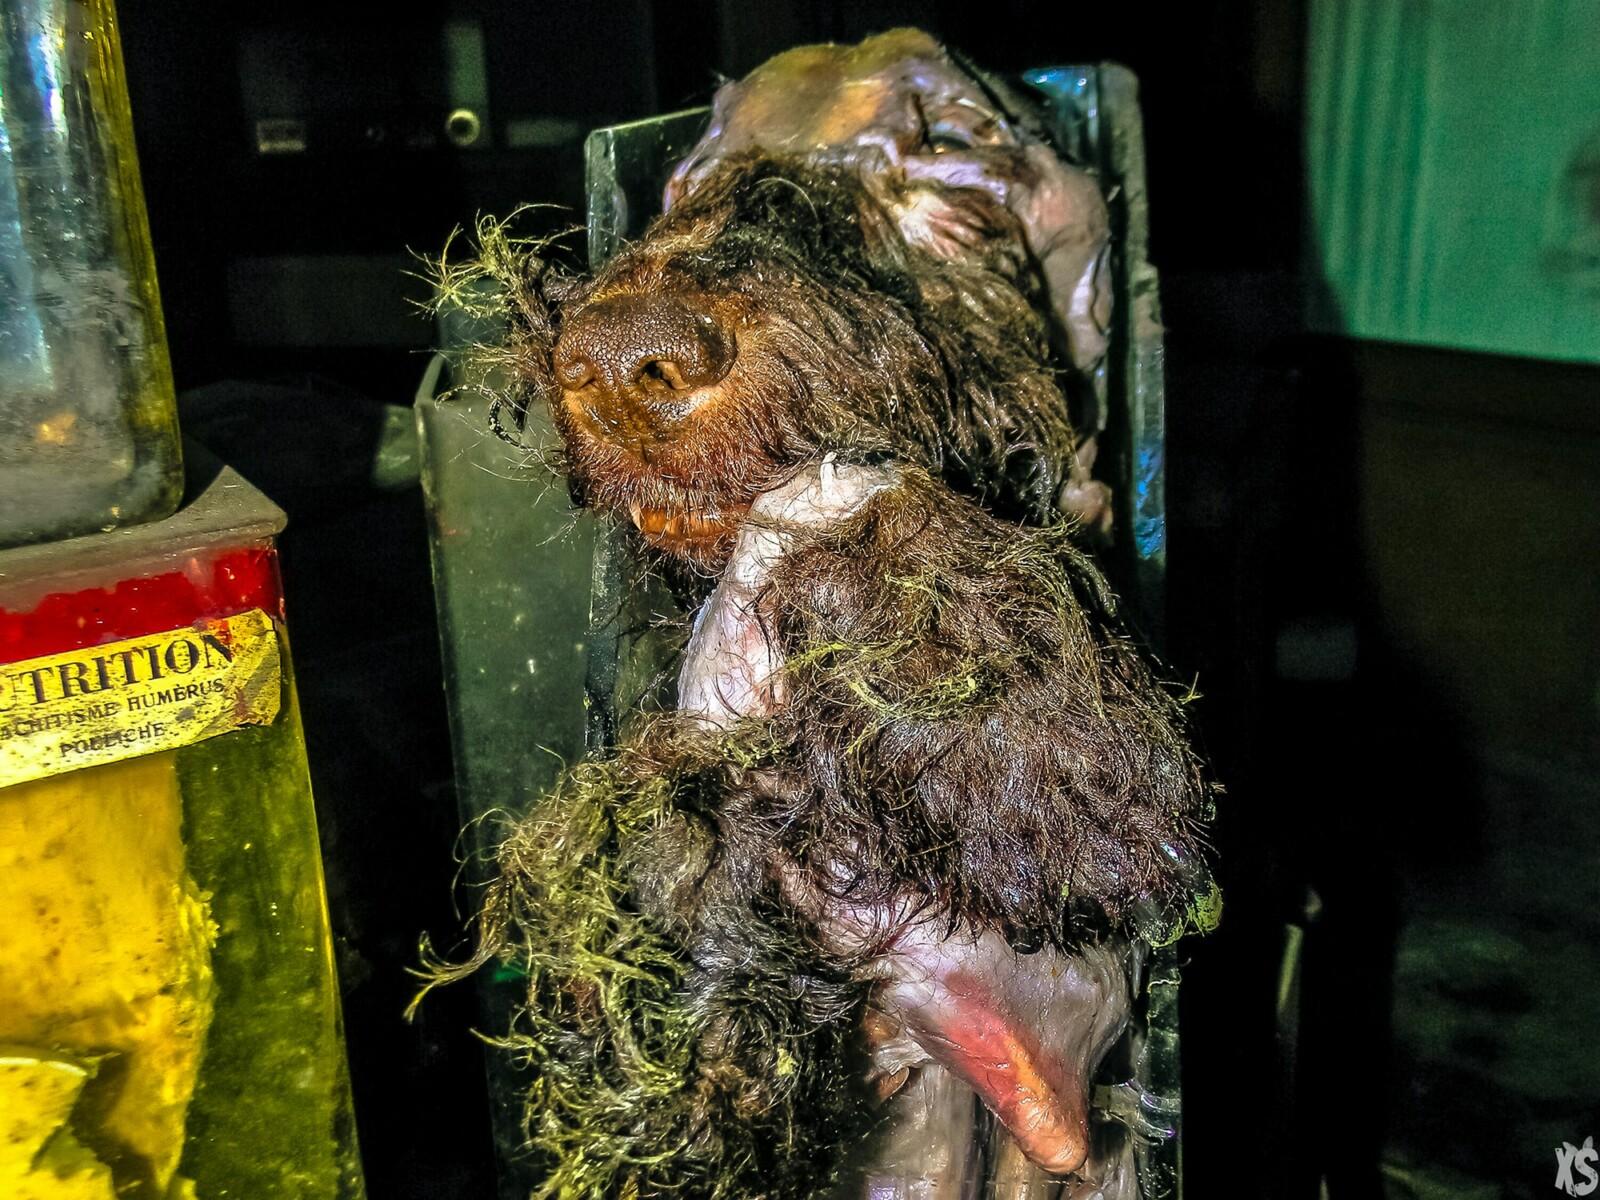 ecole-des-veterinaires-anderlecht-13